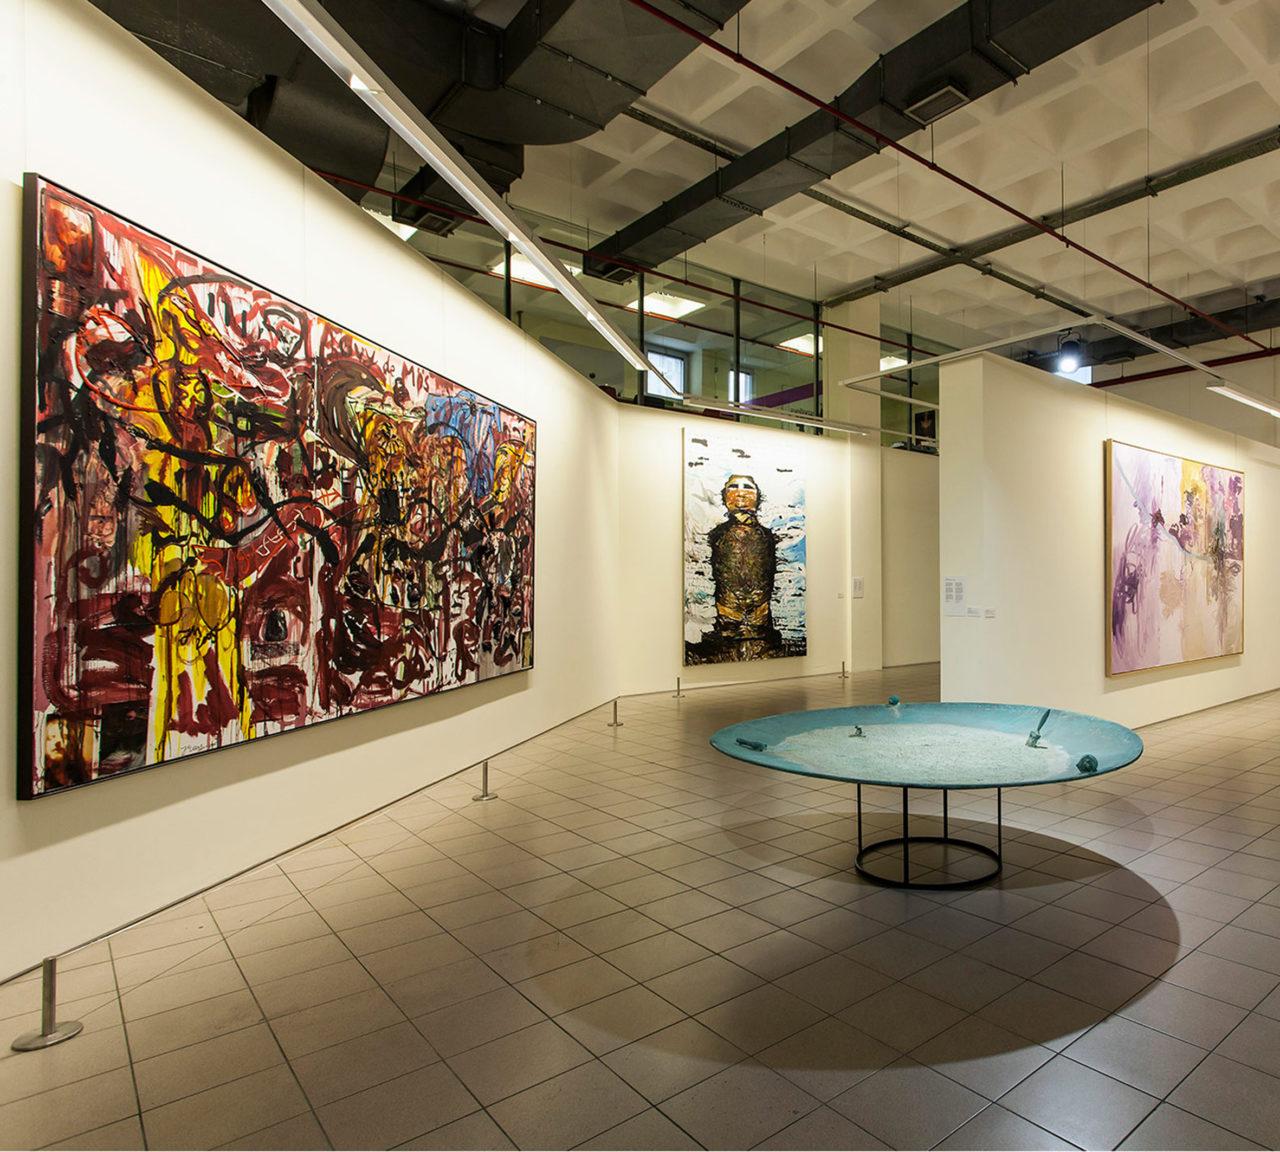 Elgiz Çağdaş Sanat Müzesi'nde dinamik bir yapı ve geleceğe dönük bir bakış açısıyla genç sanatçılara özel destek veriliyor.